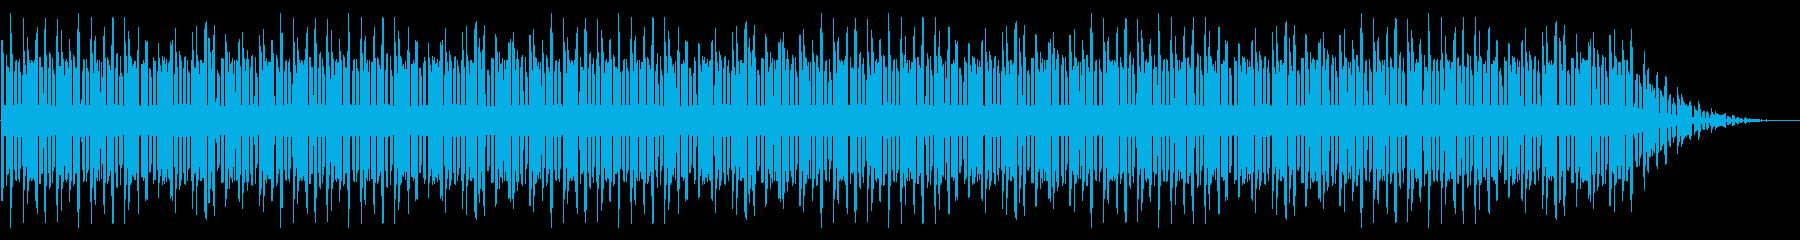 GB風シューティングのボス曲の再生済みの波形